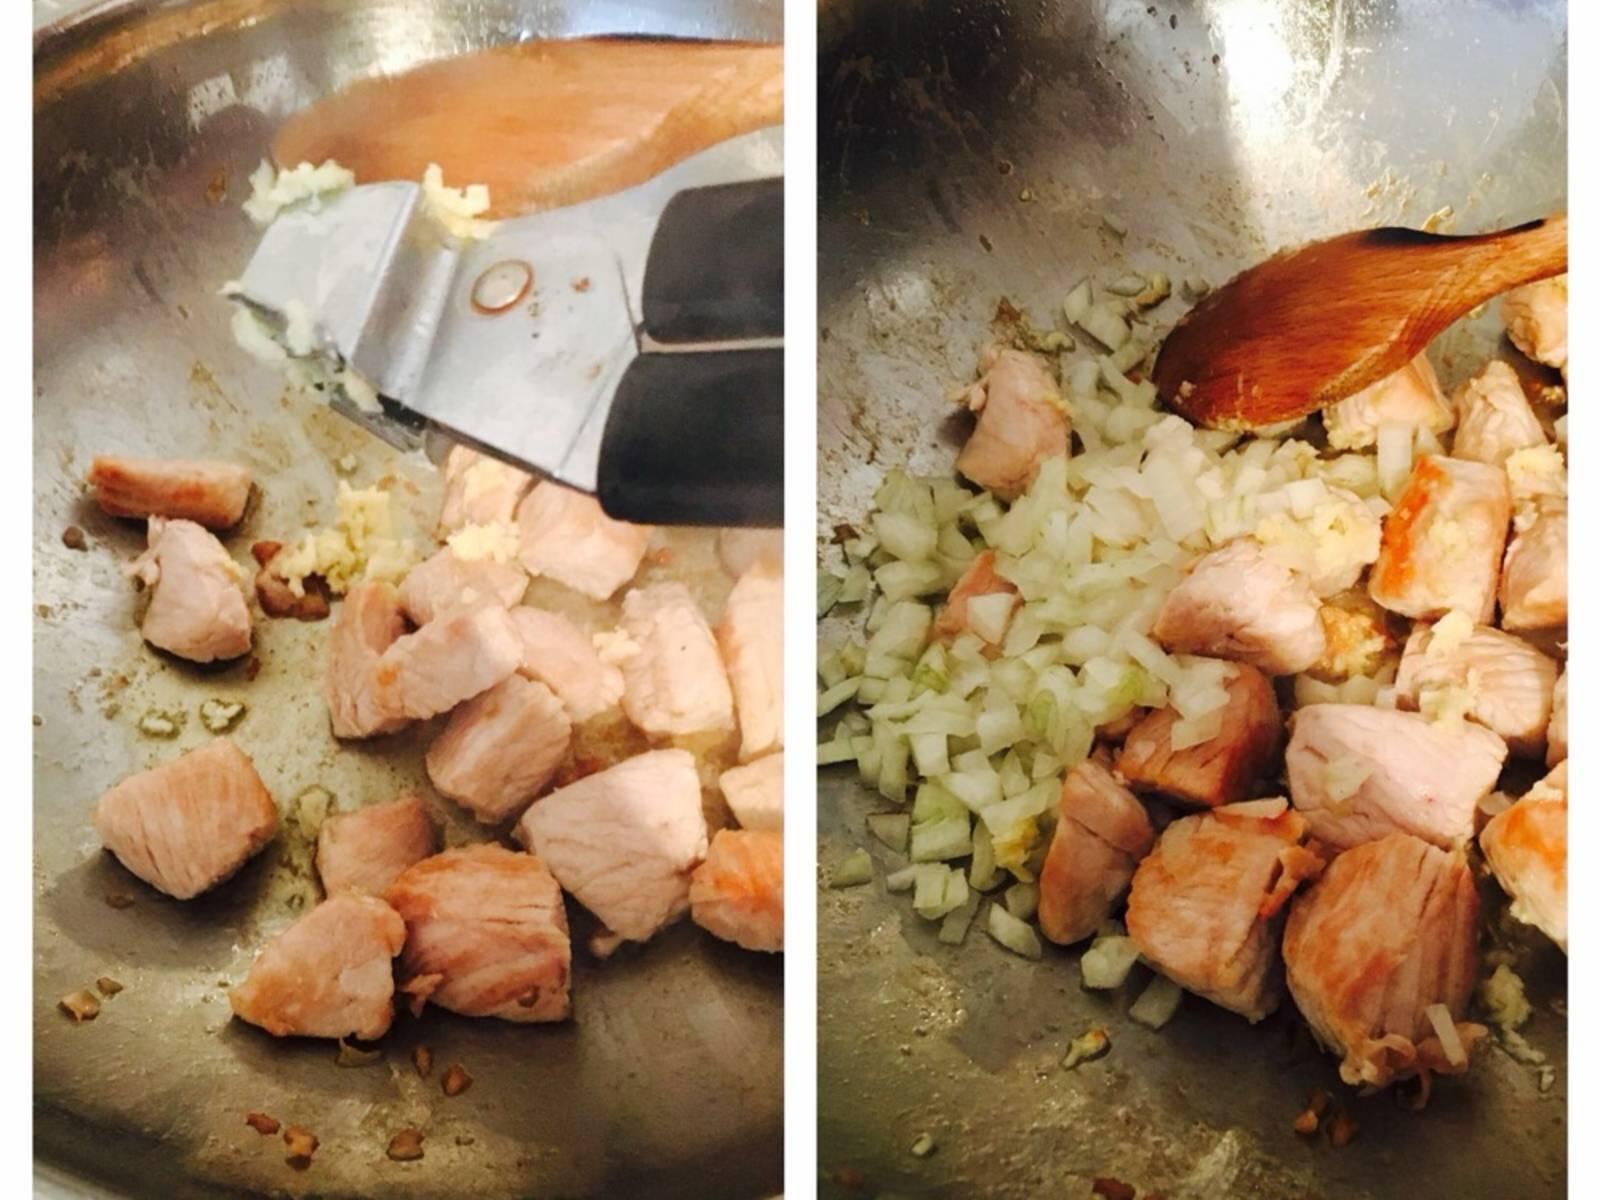 Das Fleisch in mundgerechte Stücke schneiden. In einer großen Pfanne das Ghee erhitzen und das Fleisch darin braun braten. Zwiebeln und Teil des Knoblauchs fein hacken und zum bratenden Fleisch geben.